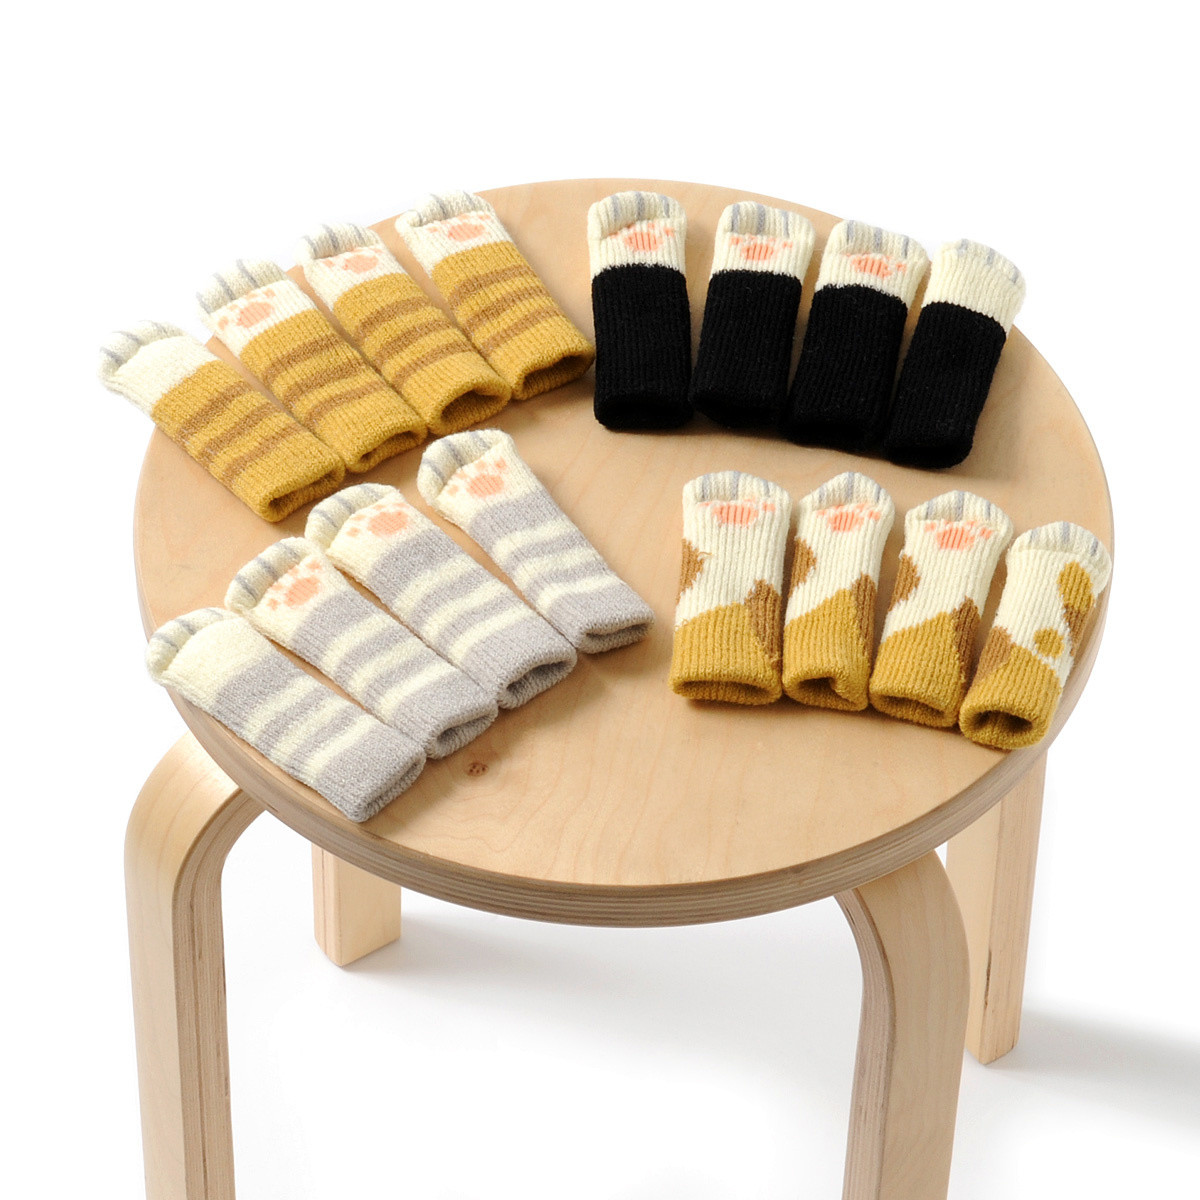 sc 1 st  Tokyo Otaku Mode & Nekoashi Chair Socks | Tokyo Otaku Mode Shop